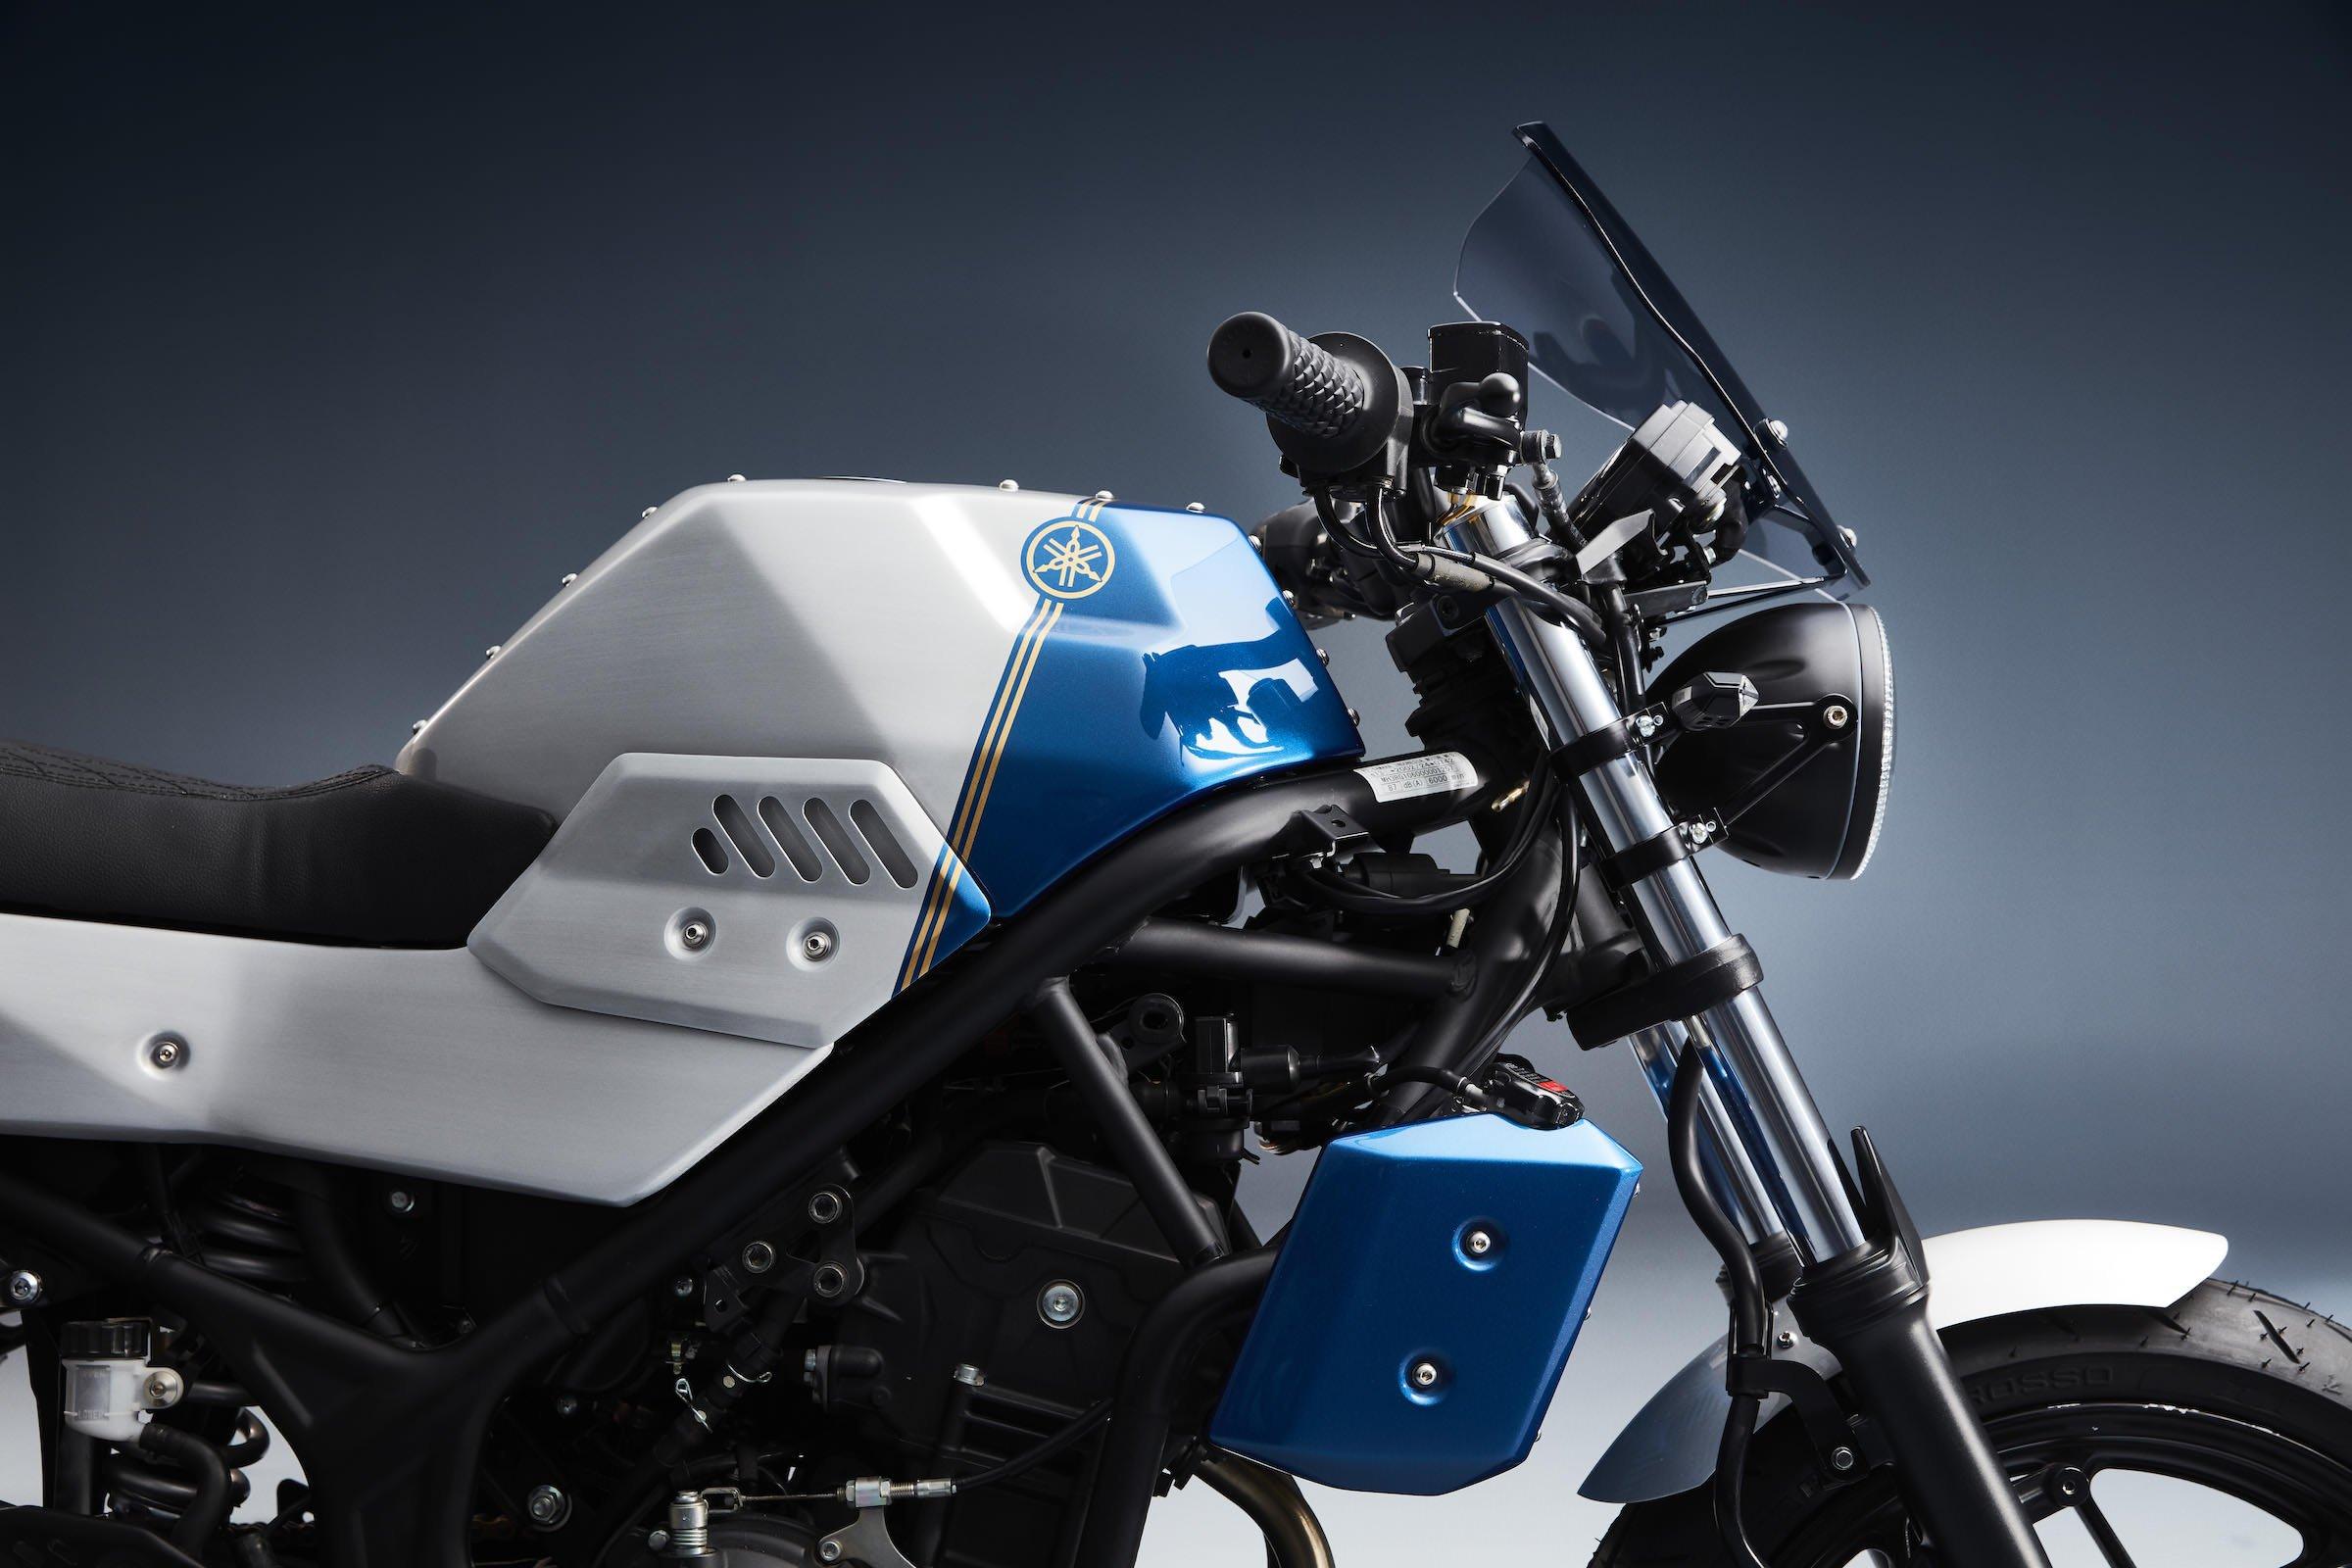 Custom Welding Helmets >> The Bunker Customs Janus Full Body Kit For The Yamaha MT ...